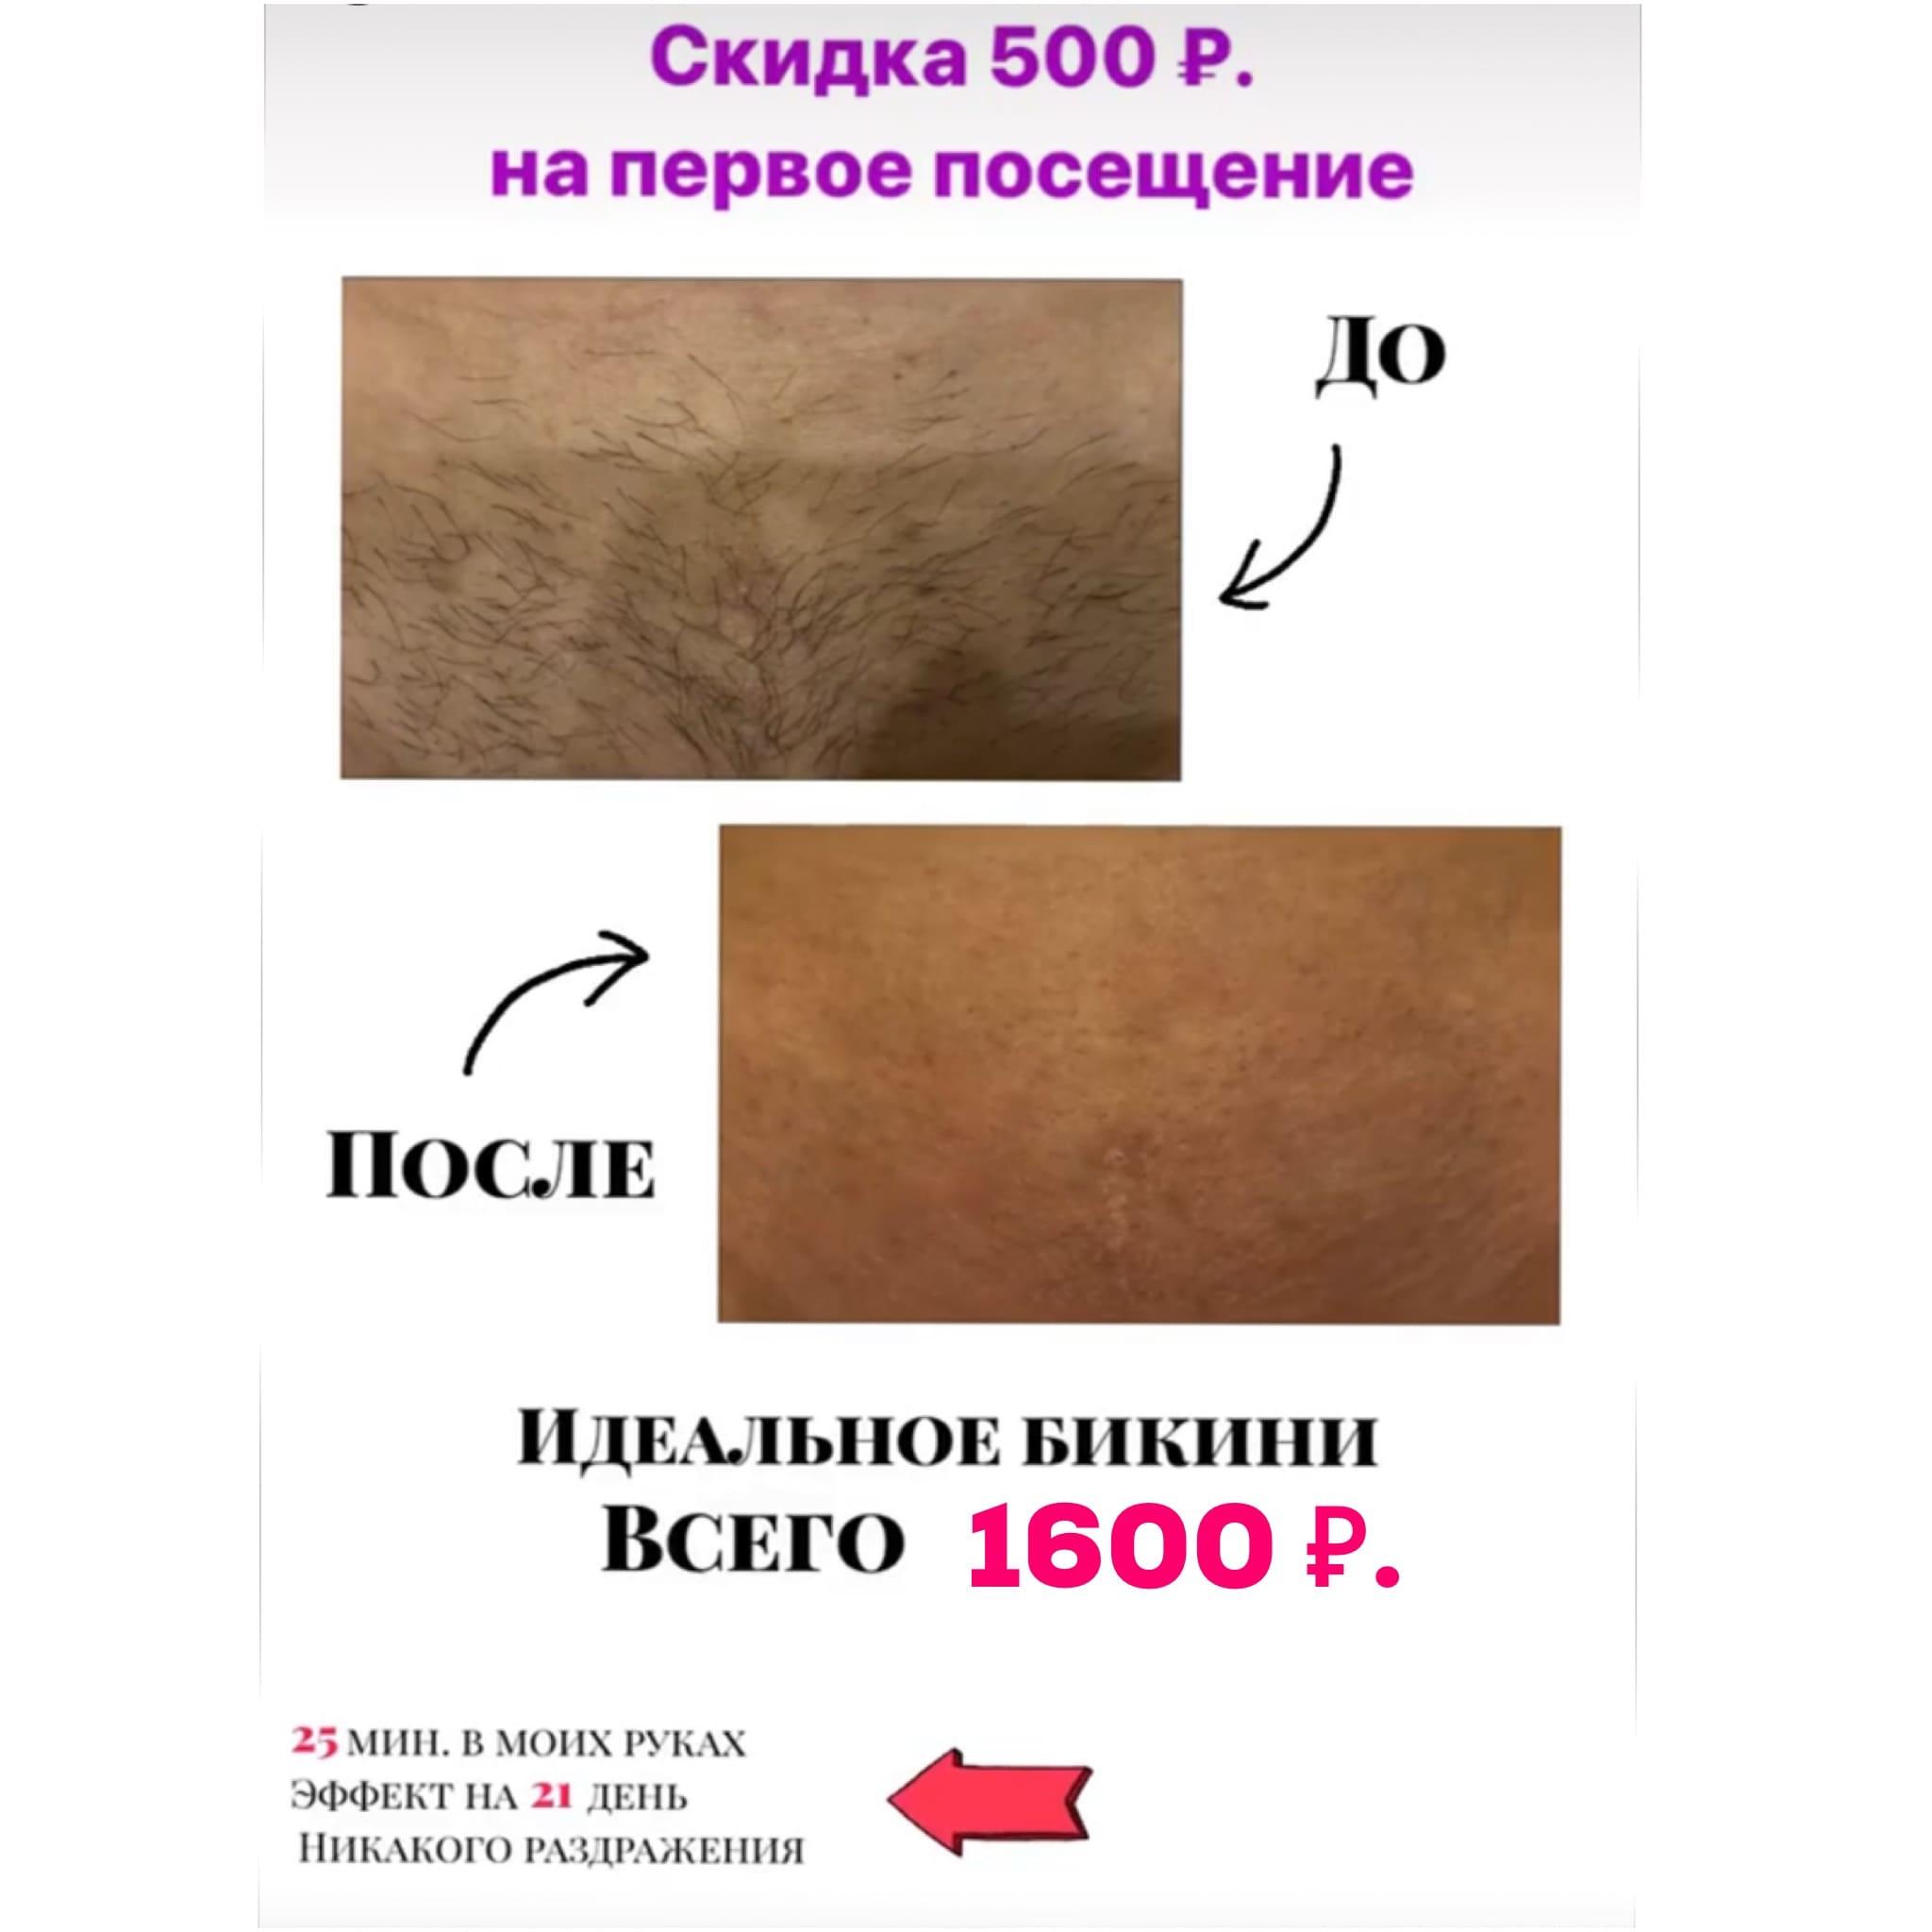 EF0FDFB8-3449-45B1-A4B1-933E310483FA-min